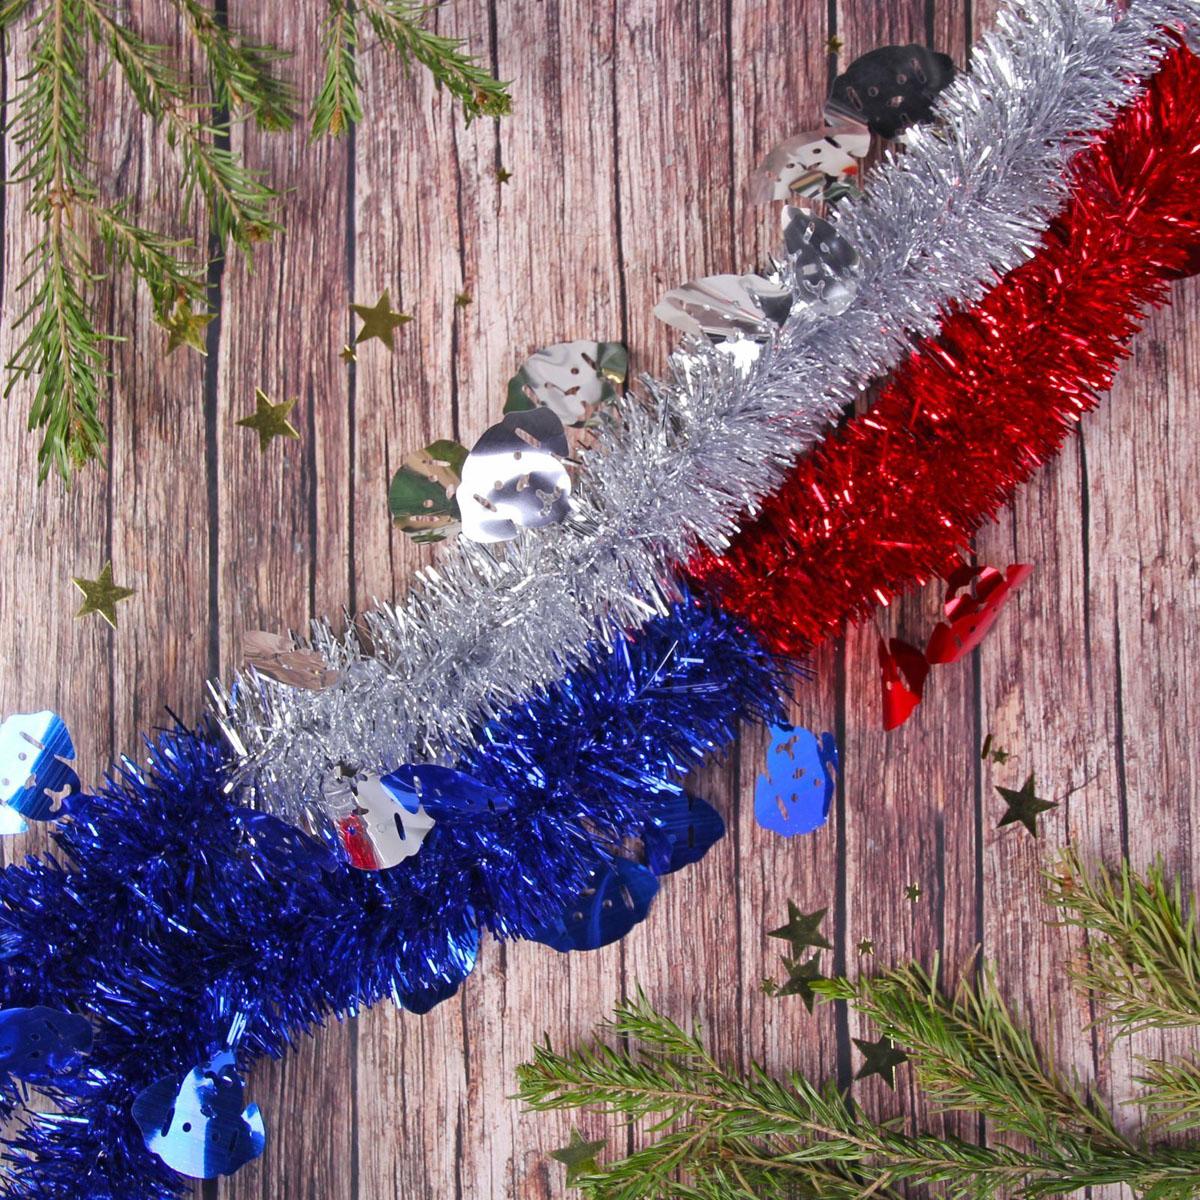 Мишура новогодняя Sima-land Собачка, цвет: белый, диаметр 5 см, длина 2 м. 23176472317647Мишура новогодняя Sima-land, выполненная из фольги с фигурками, поможет вам украсить свой дом к предстоящим праздникам.Новогодней мишурой можно украсить все, что угодно - елку, квартиру, дачу, офис -как внутри, так и снаружи. Можно сложить новогодние поздравления, буквы ицифры, мишурой можно украсить и дополнить гирлянды, можновыделить дверные колонны, оплести дверные проемы.Мишура принесет в ваш дом ни с чем несравнимое ощущение праздника! Создайтев своем доме атмосферу тепла, веселья и радости, украшая его всей семьей.